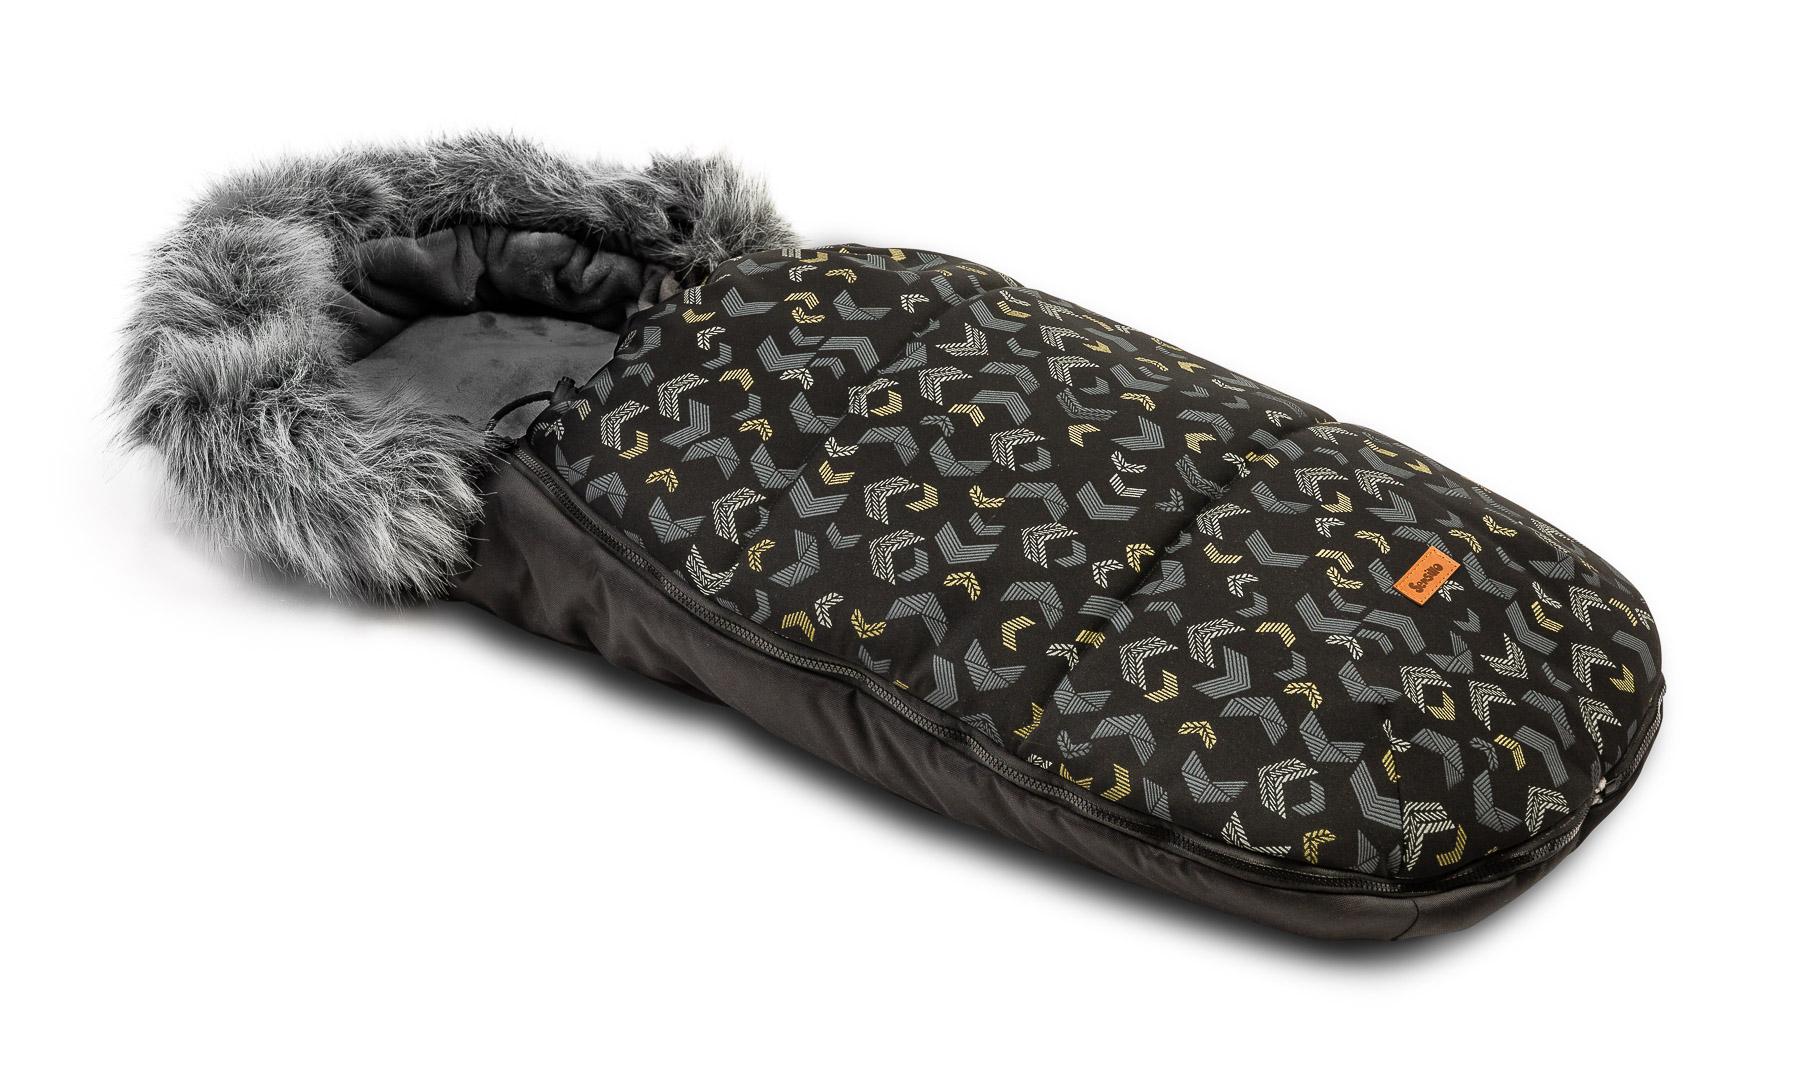 Śpiworek Olaf – czarny wzory